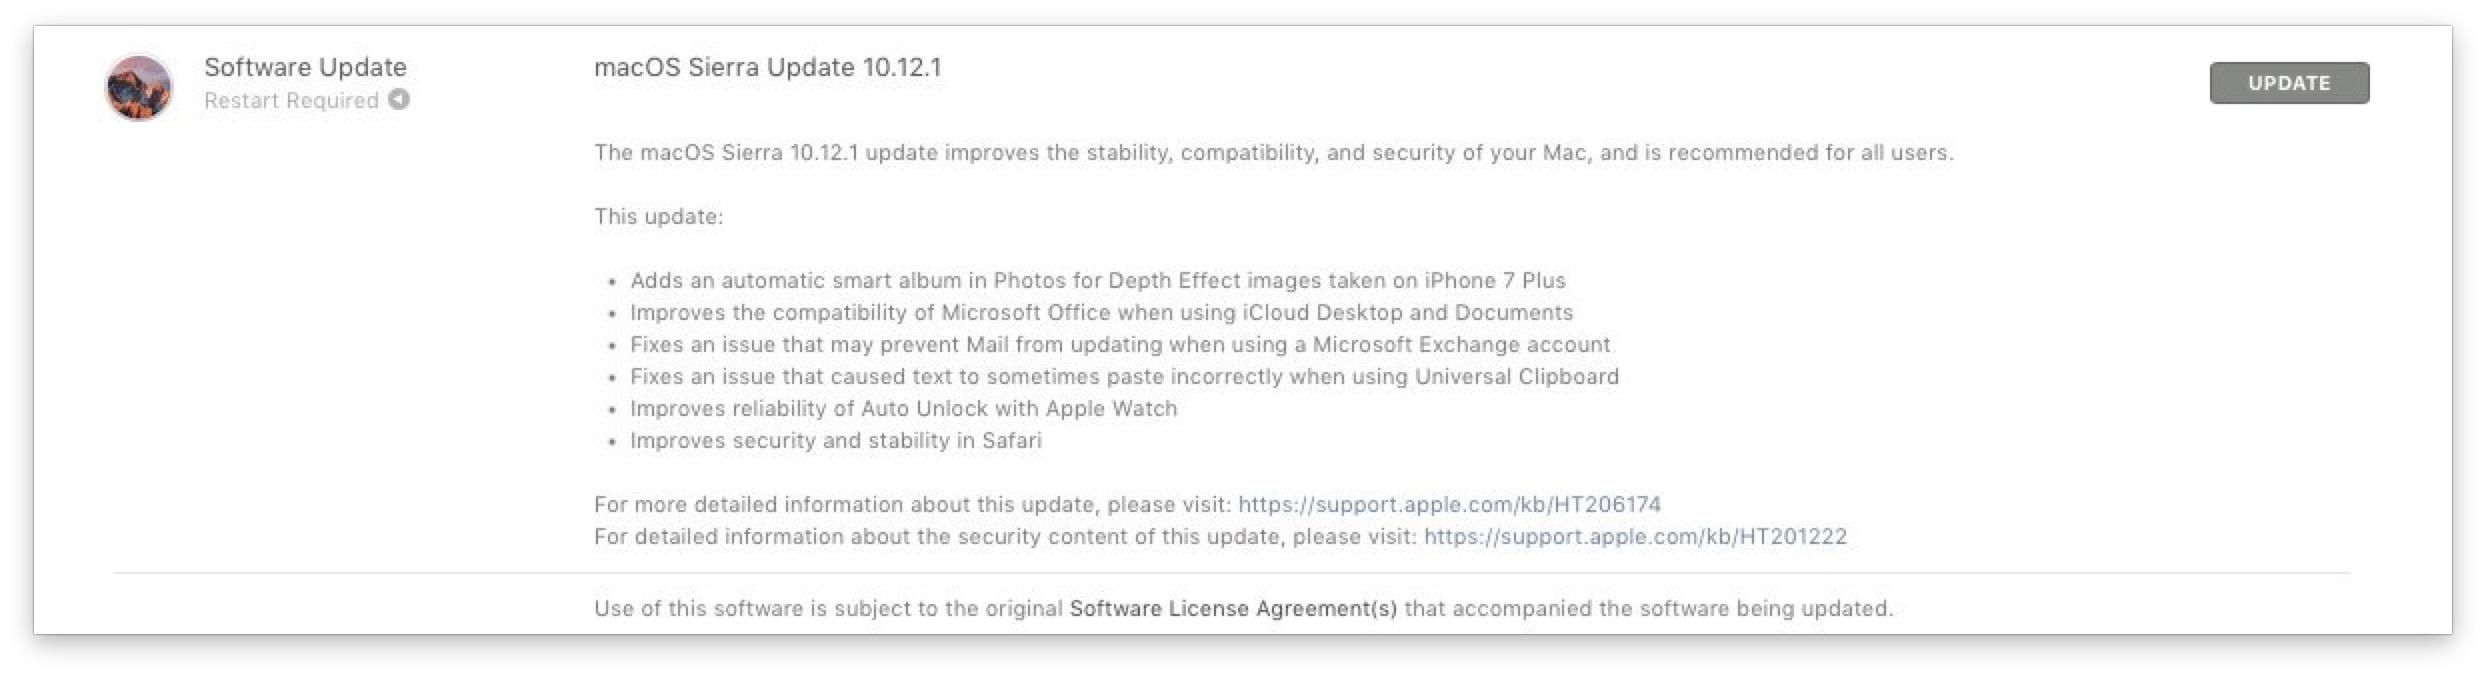 macOS Sierra Update 10.12.1